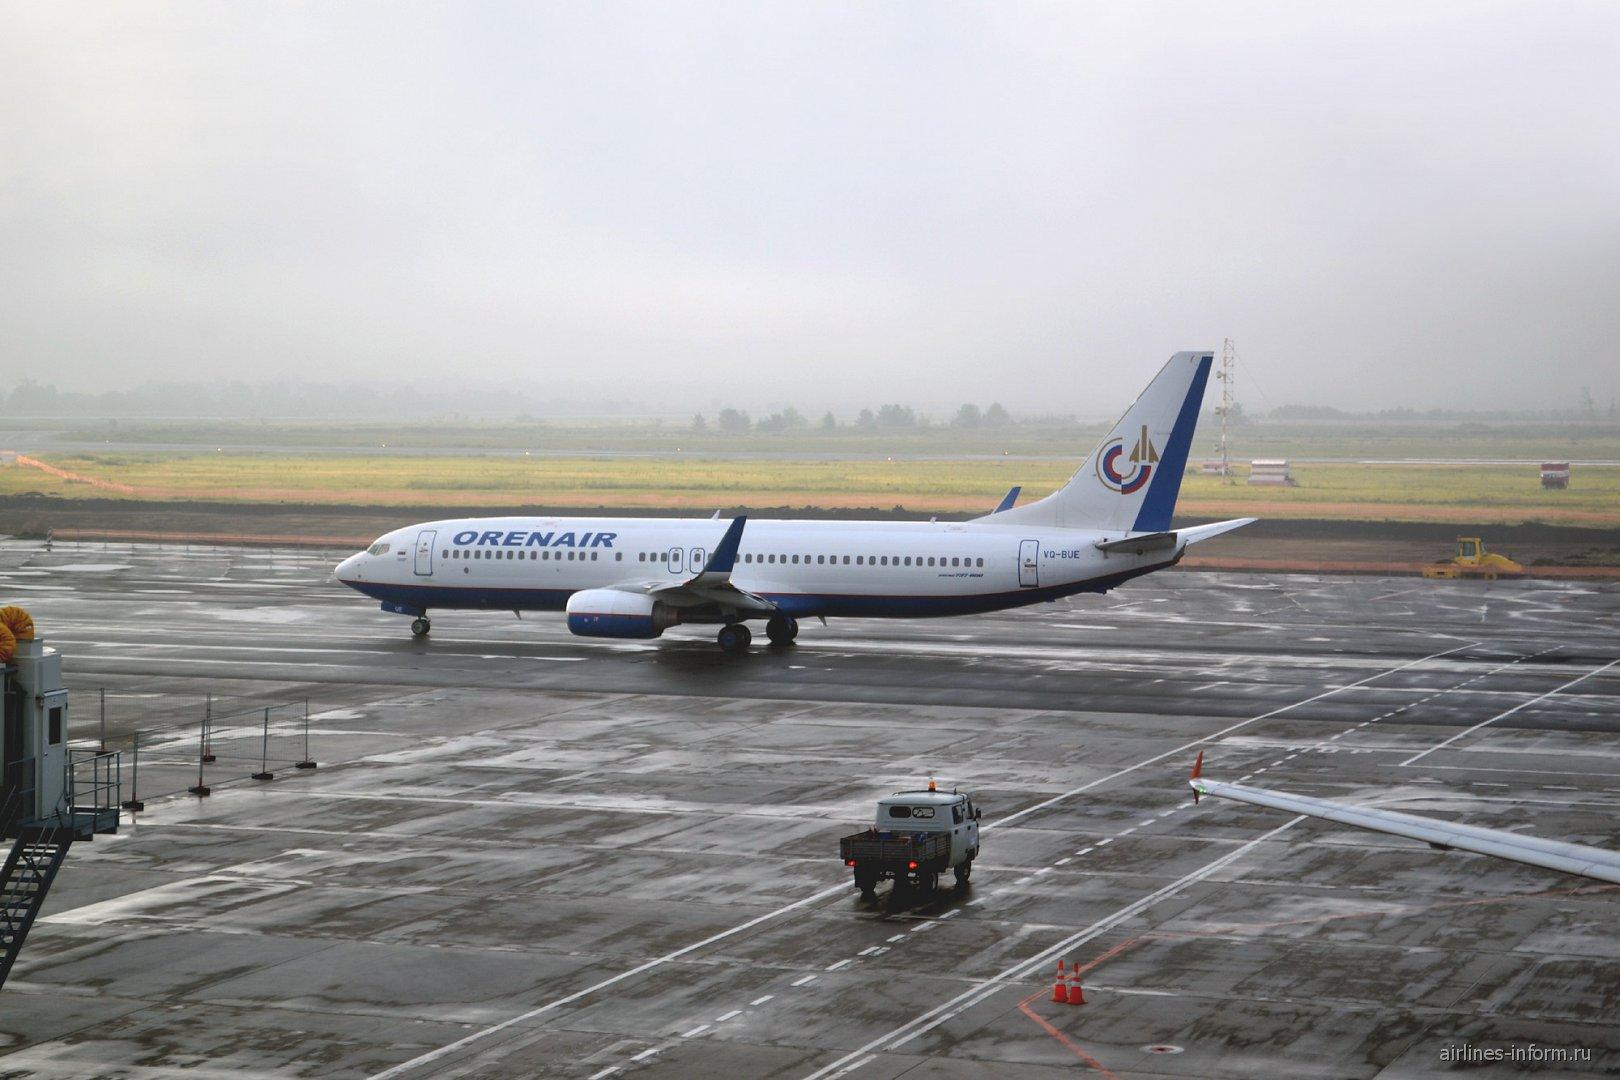 Боинг-737-800 Оренбургских авиалиний в аэропорту Самара Курумоч